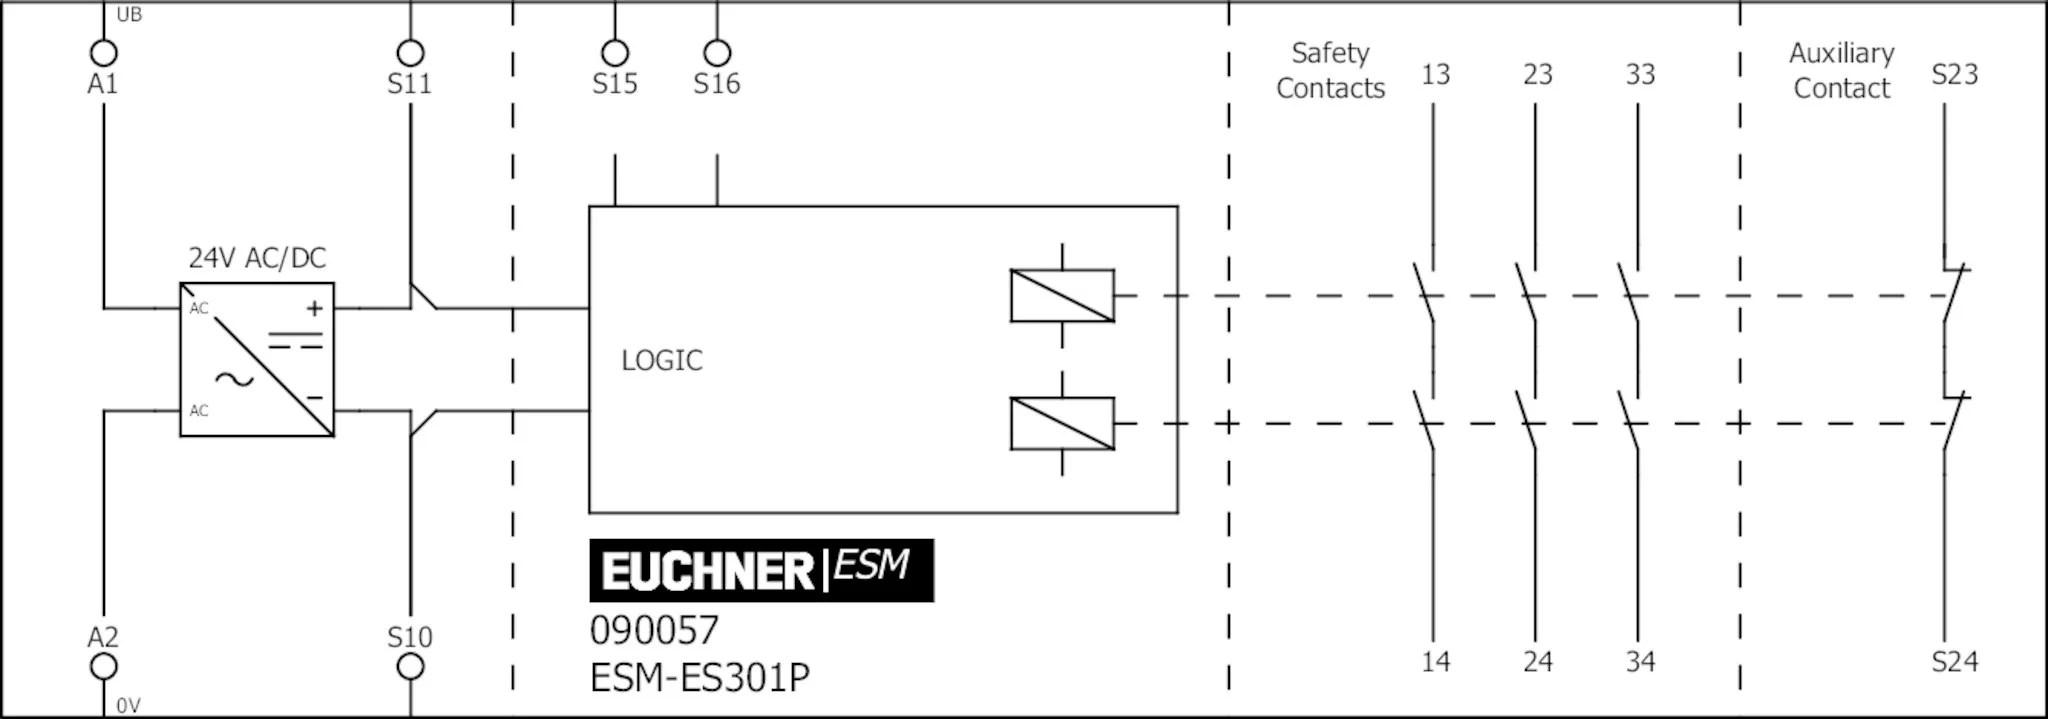 ESM-ES301P | EUCHNER